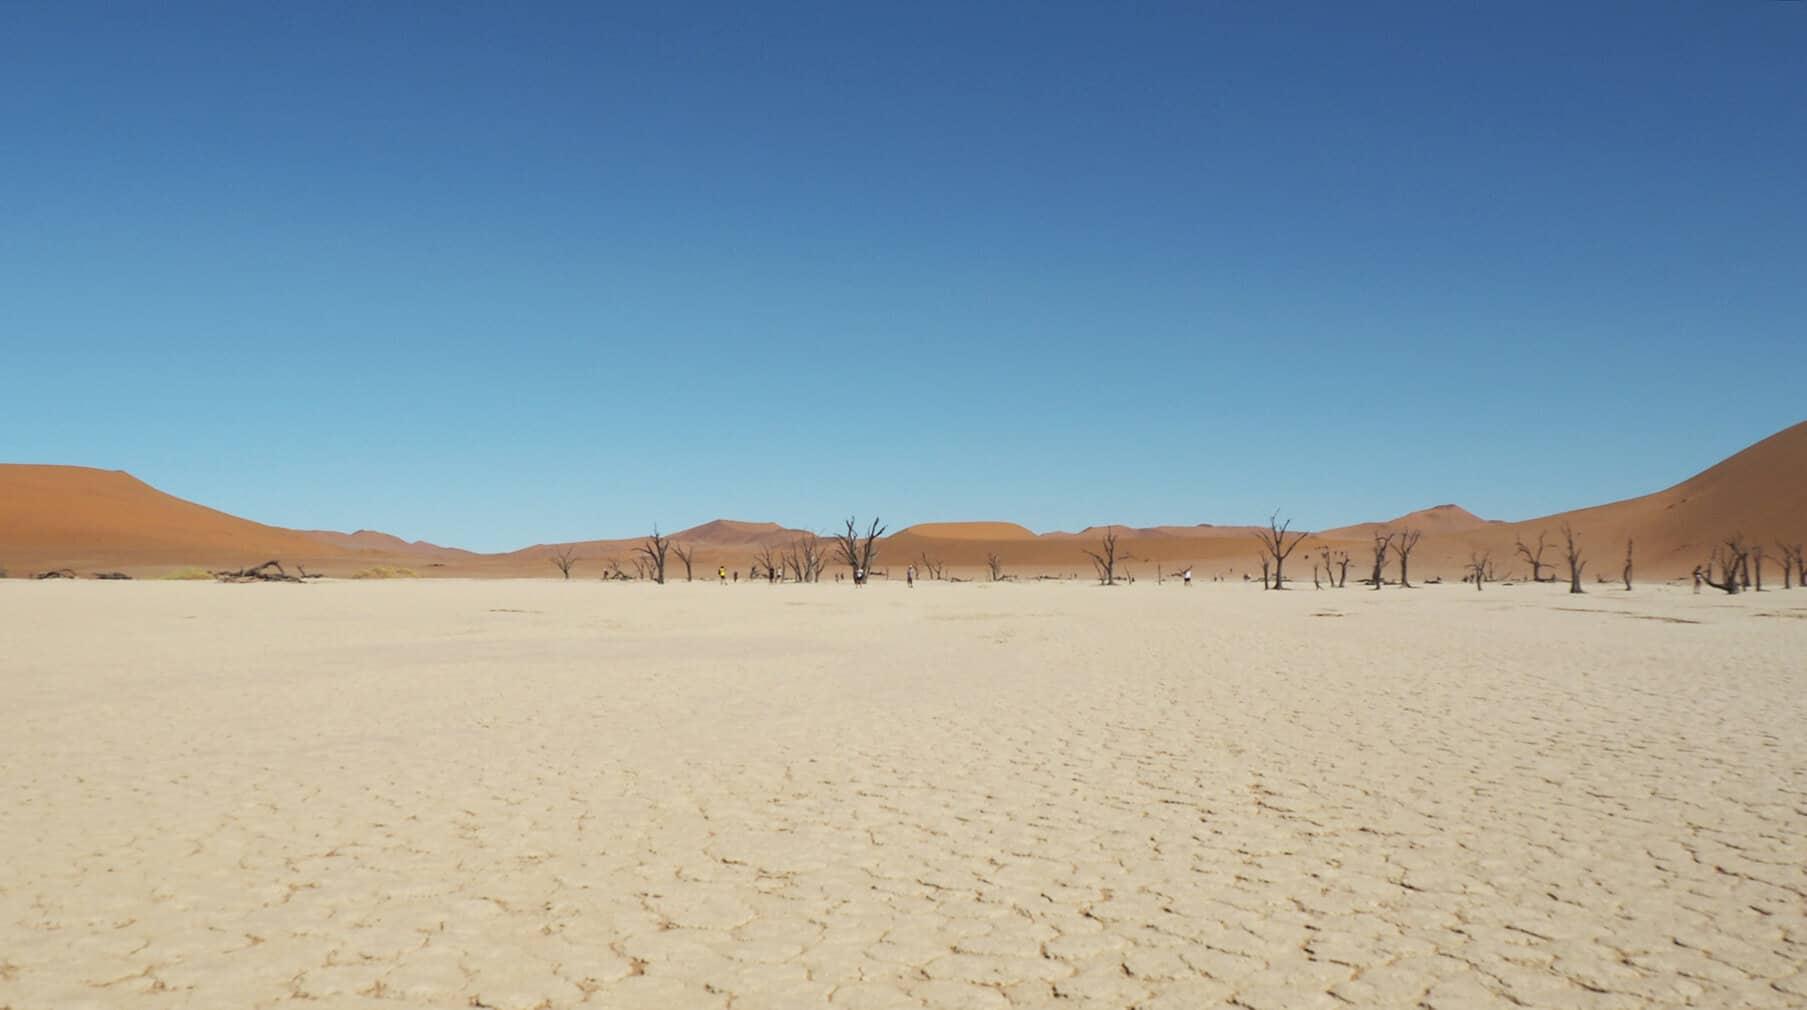 Namibian desert pans